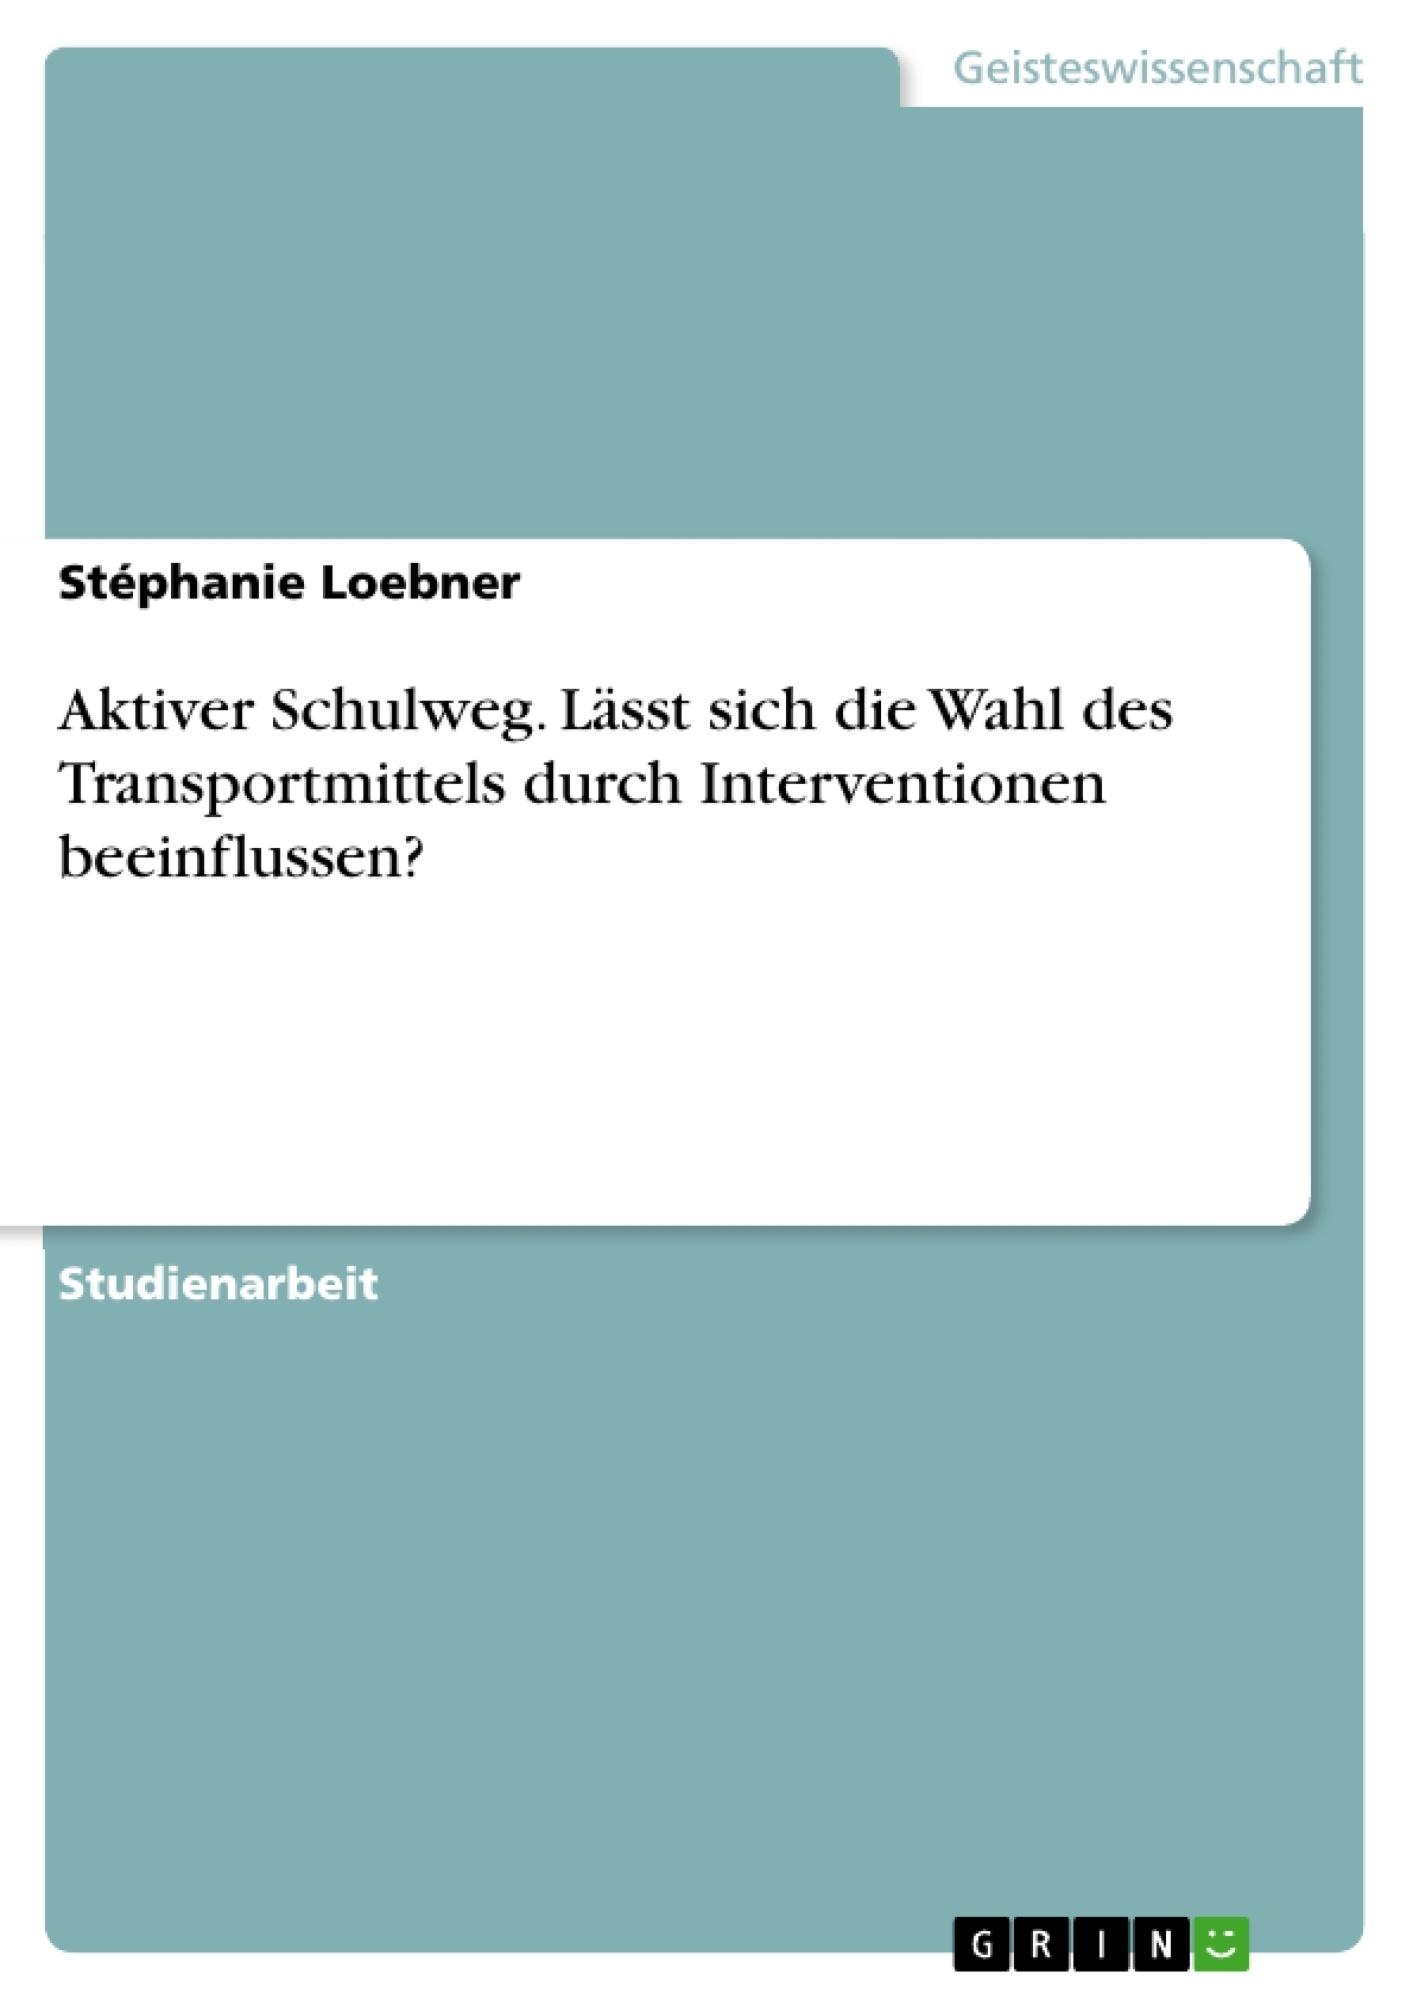 Titel: Aktiver Schulweg. Lässt sich die Wahl des Transportmittels durch Interventionen beeinflussen?